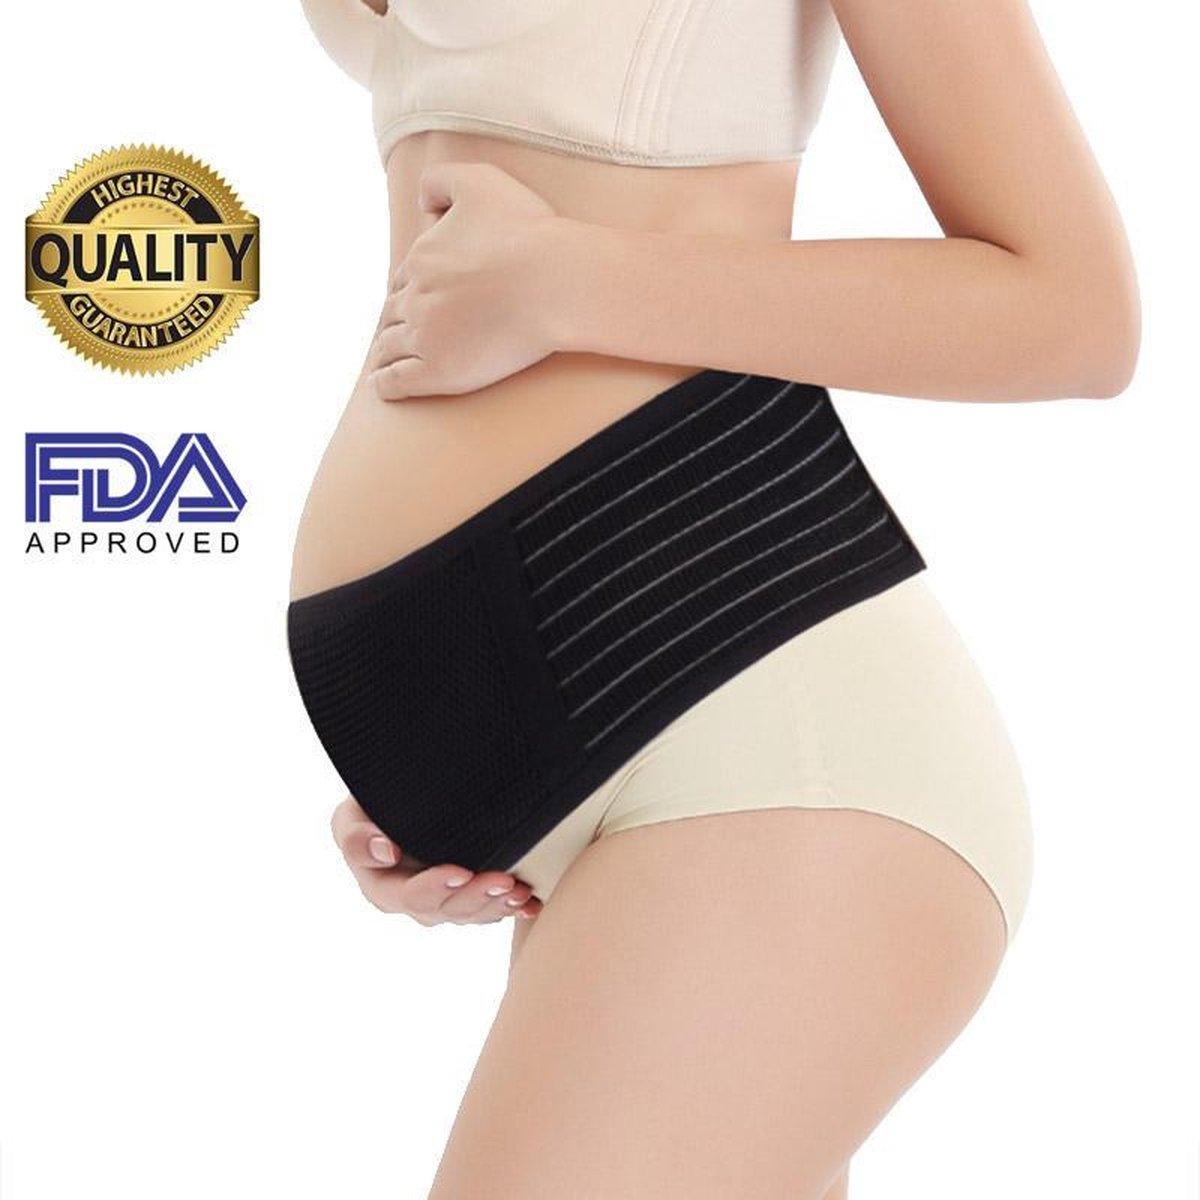 Zwangerschapsband - Bekkenbrace - Buikband voor zwangere vrouwen - Zwangerschapsband - Zwangerschaps